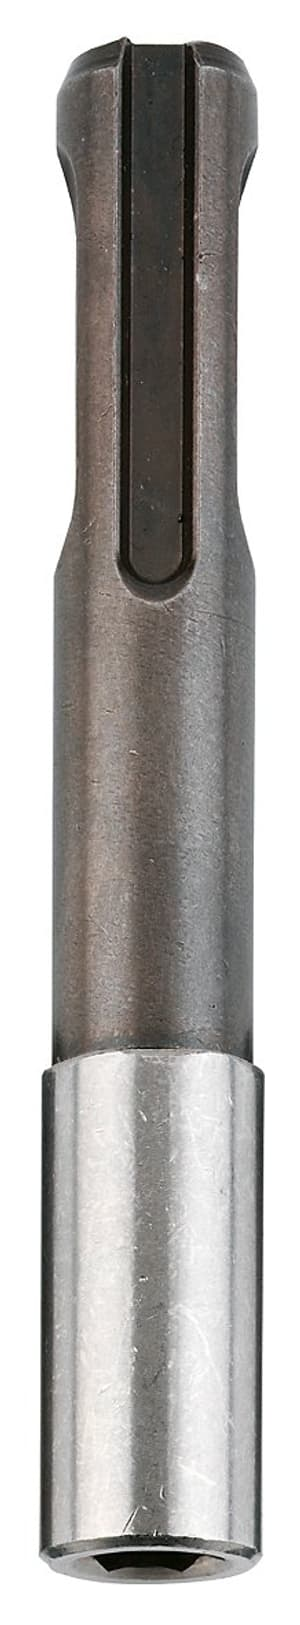 SDS PLUS Portabit bussola in acciaio inox